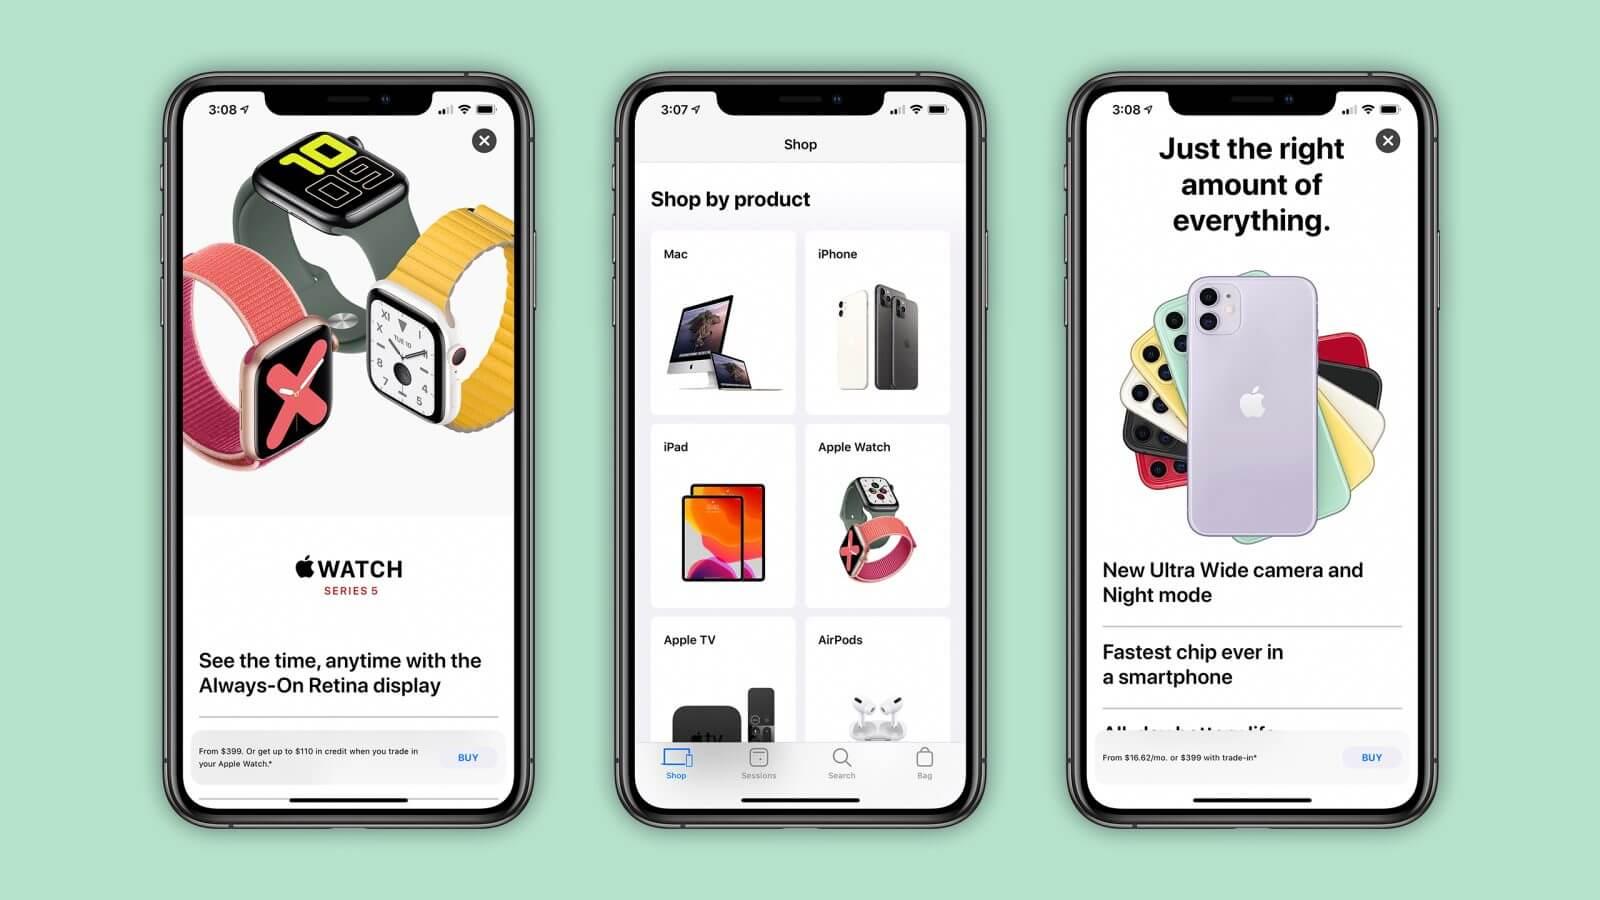 مزایای طراحی اپلیکیشن فروشگاهی